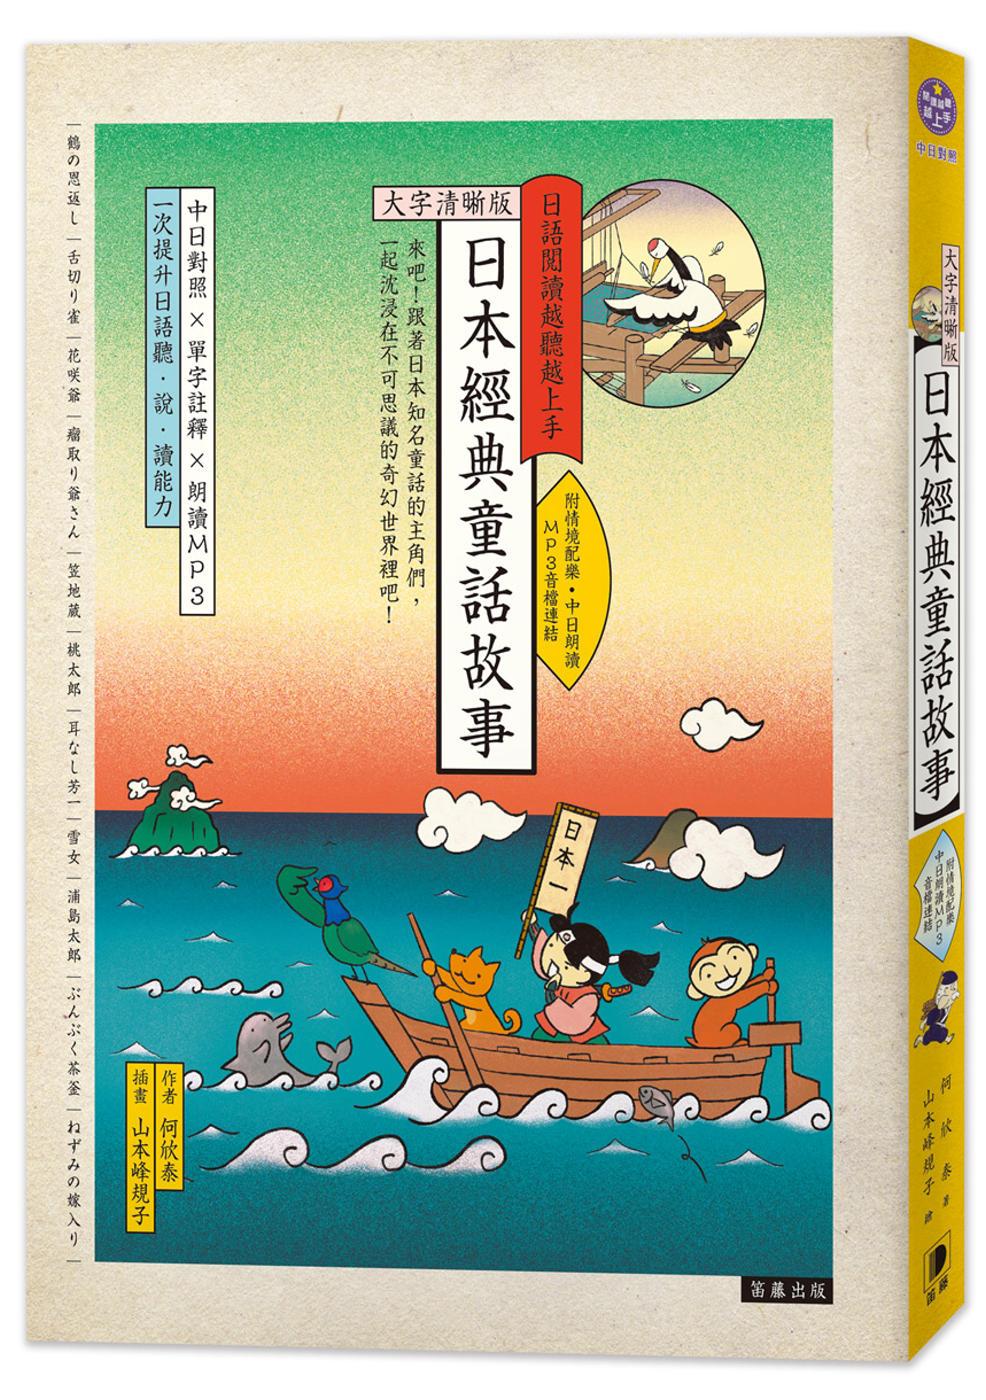 日語閱讀越聽越上手 日本經典童...